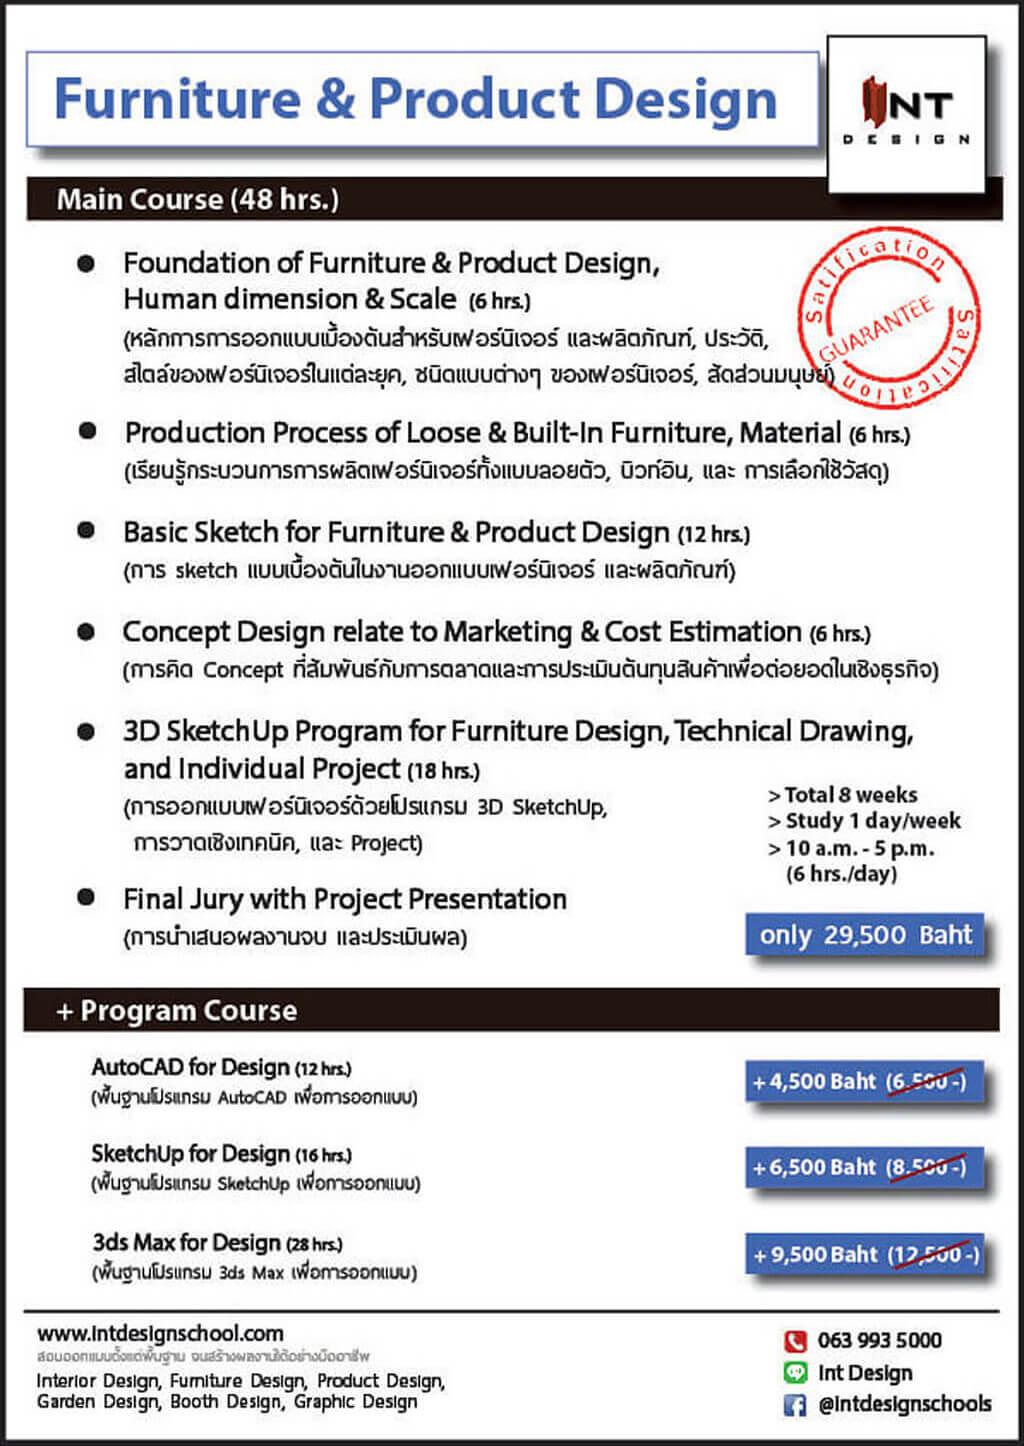 คอร์สเรียนออกแบบเฟอร์นิเจอร์-เรียนออกแบบผลิตภัณฑ์-เรียน Furniture Design- เรียน Product Design